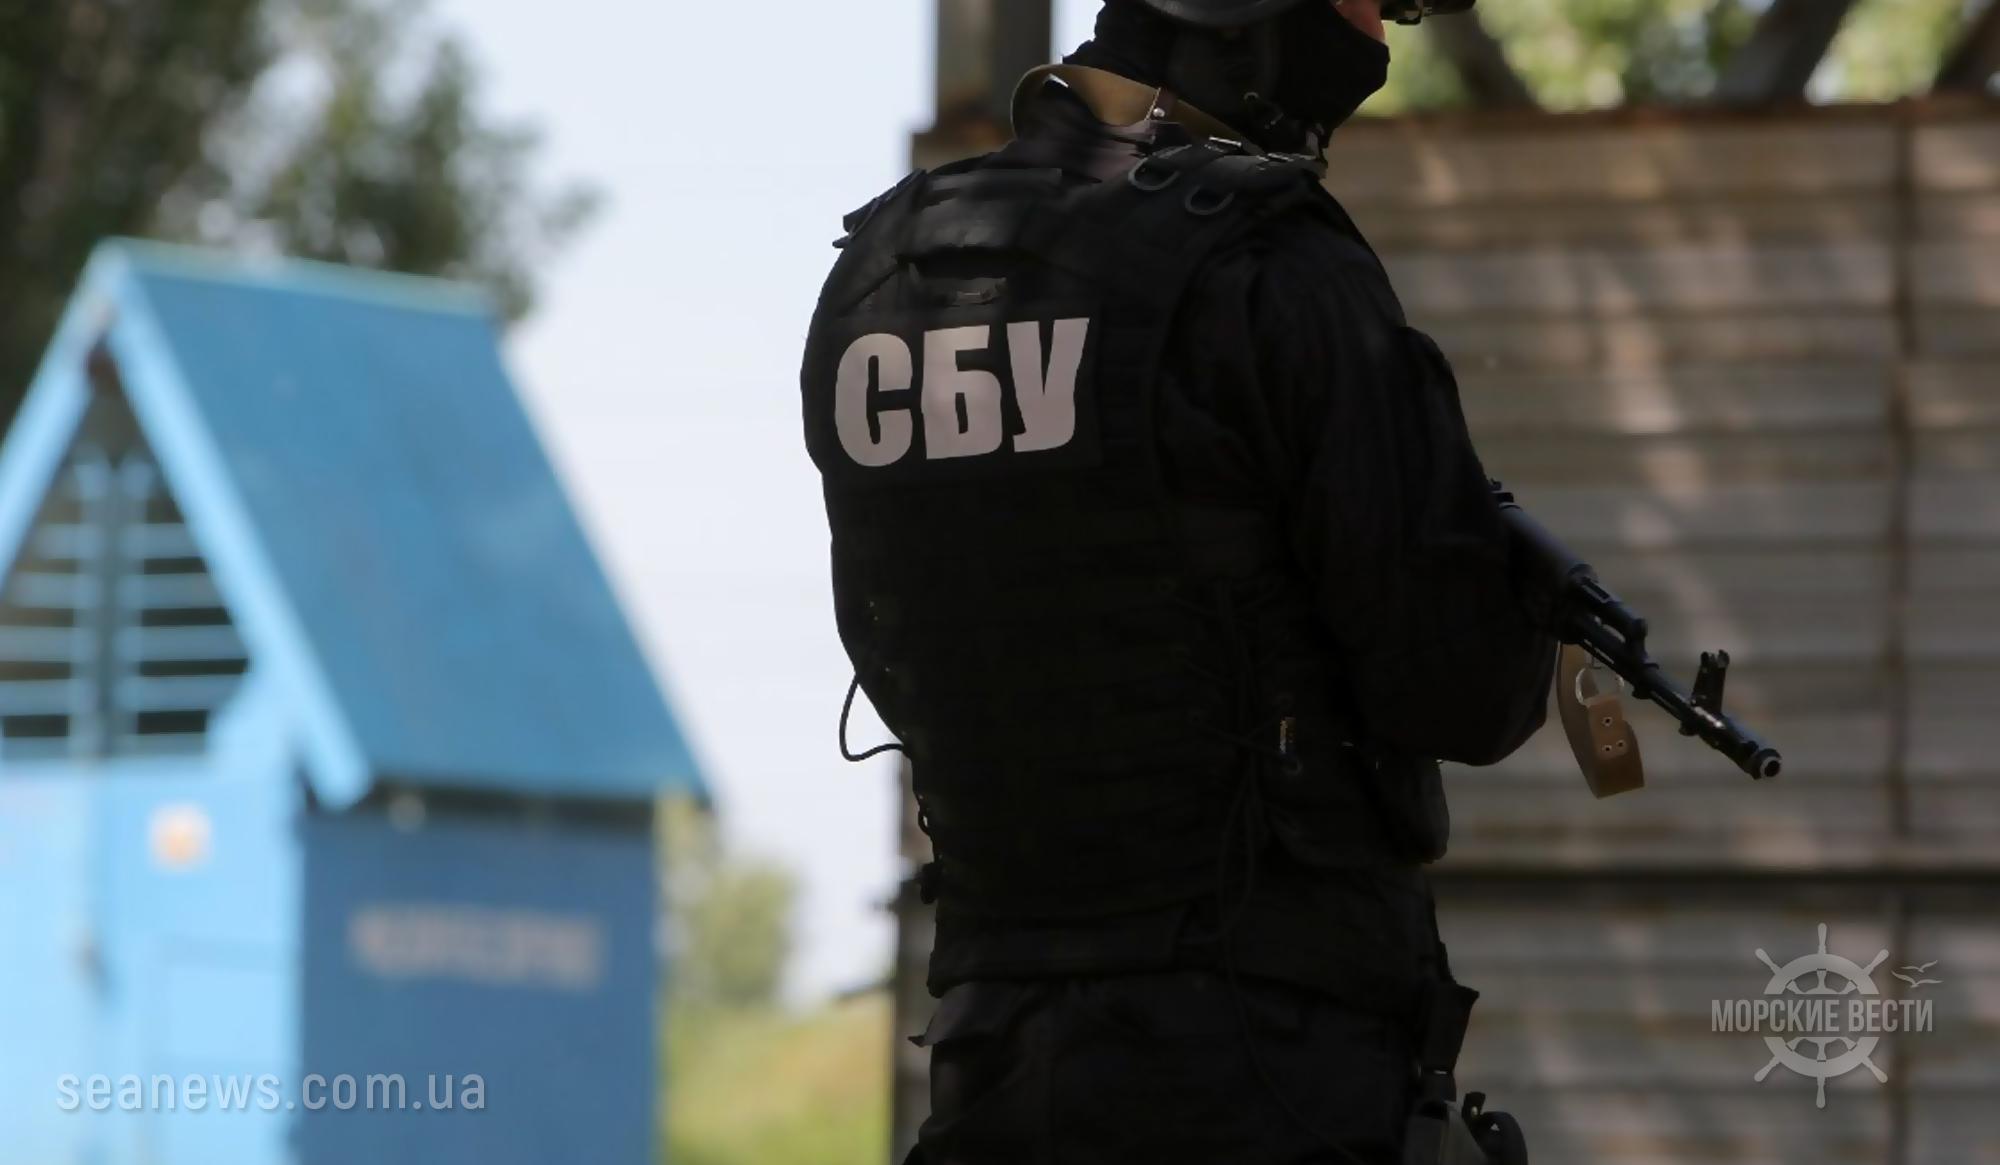 Правоохранители провели обыск в Одесском морском торговом порту